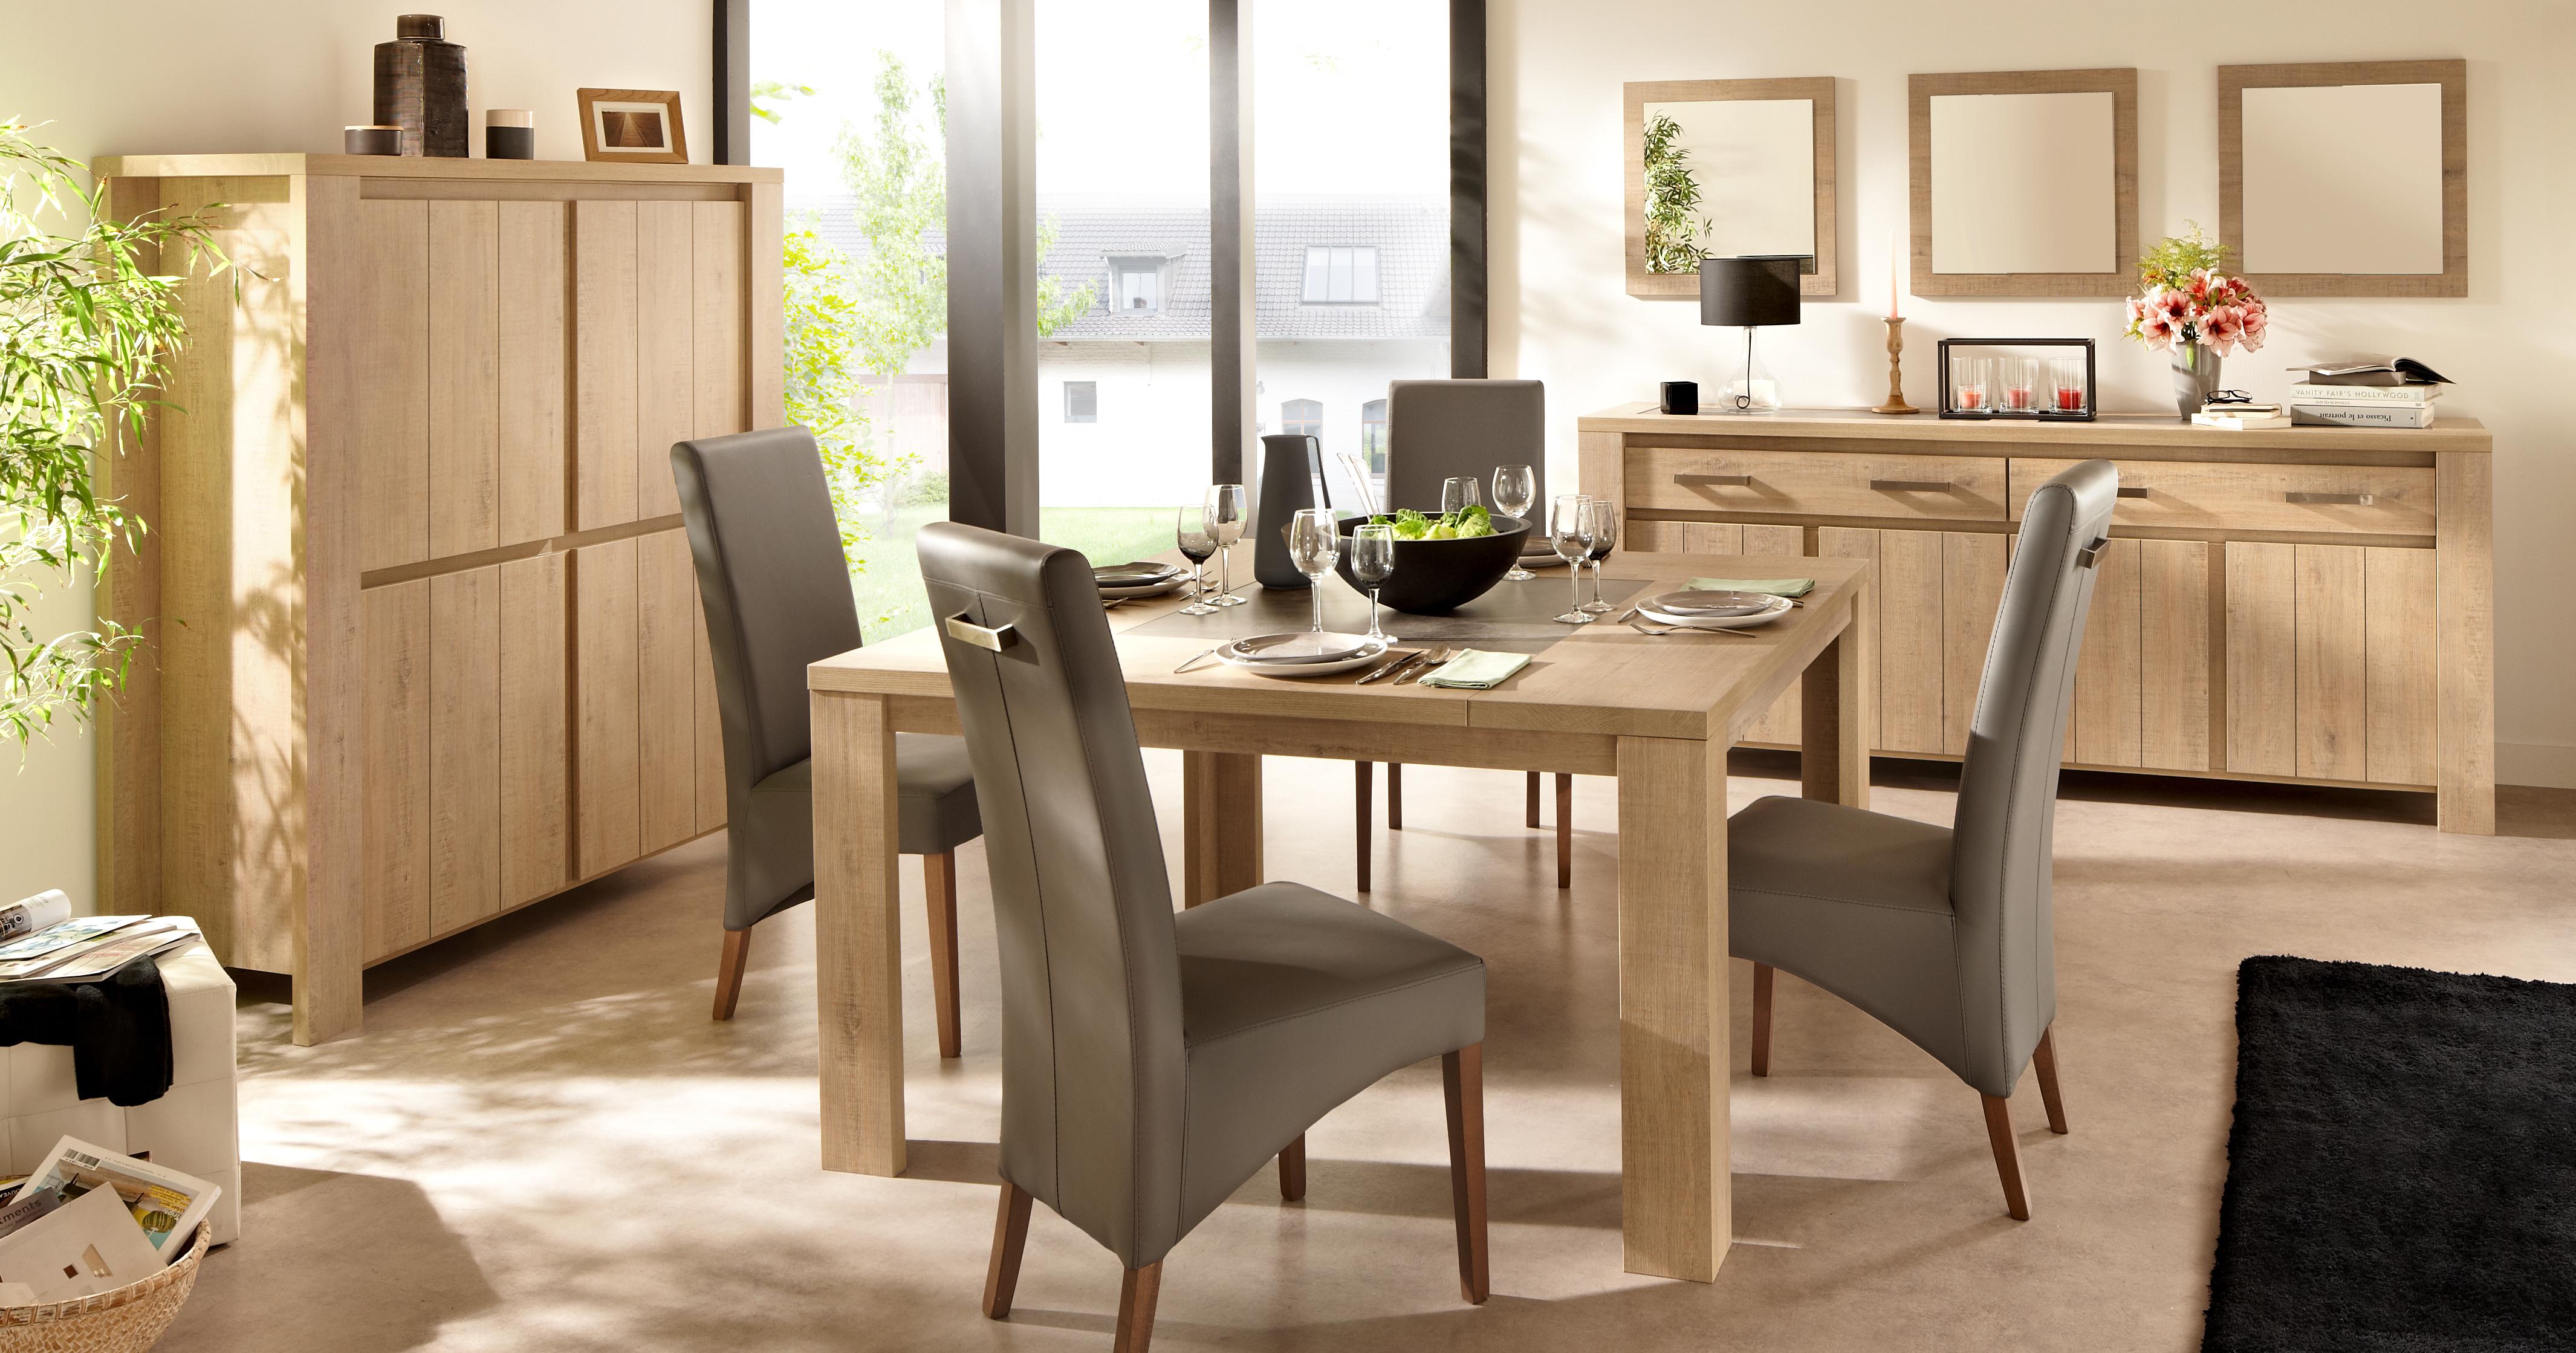 sejour brest. Black Bedroom Furniture Sets. Home Design Ideas